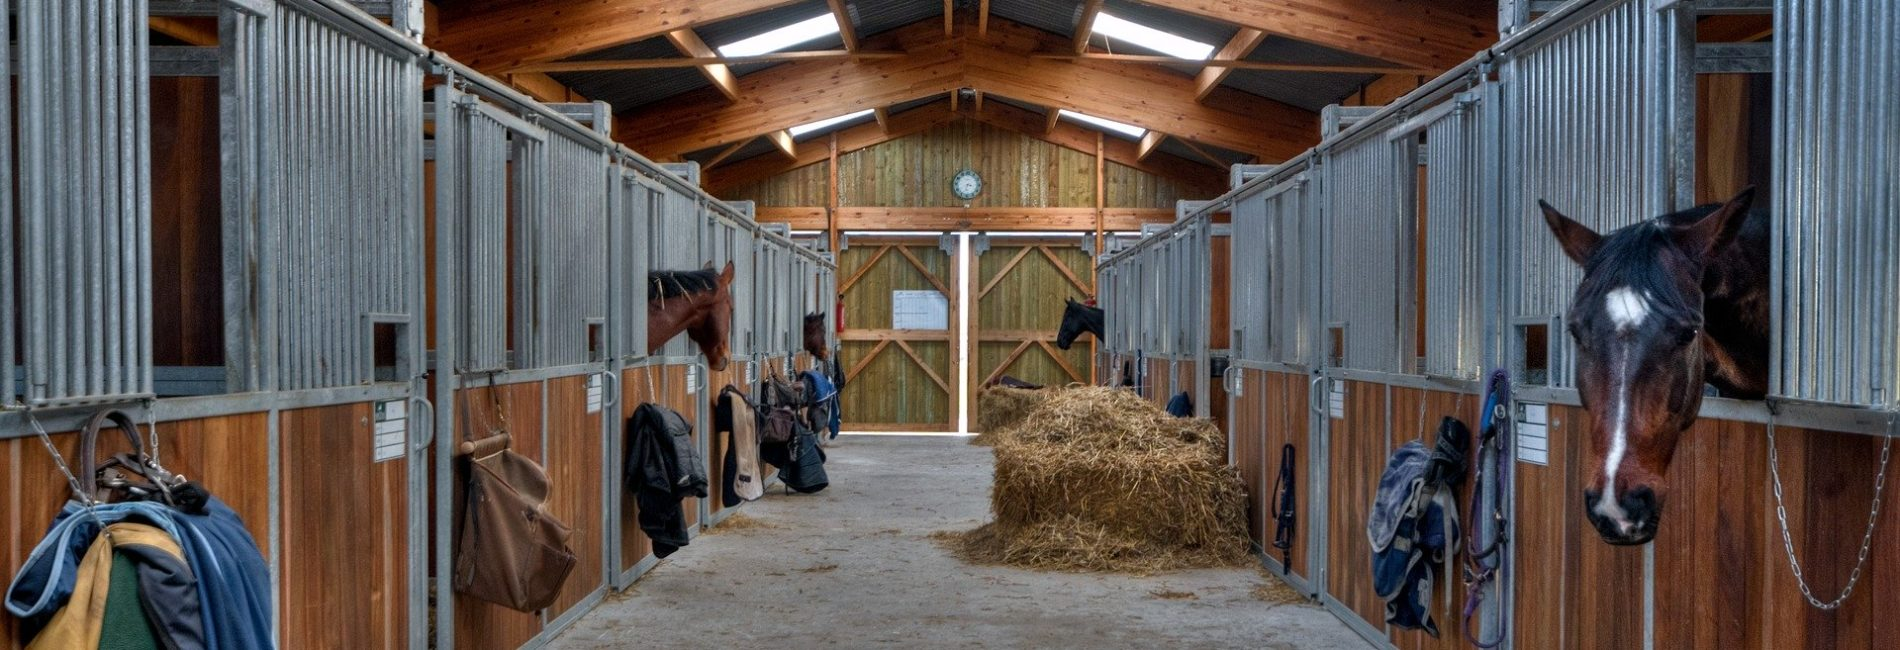 3 Tipps, wie du die Coronakrise mit Pferd meisterst